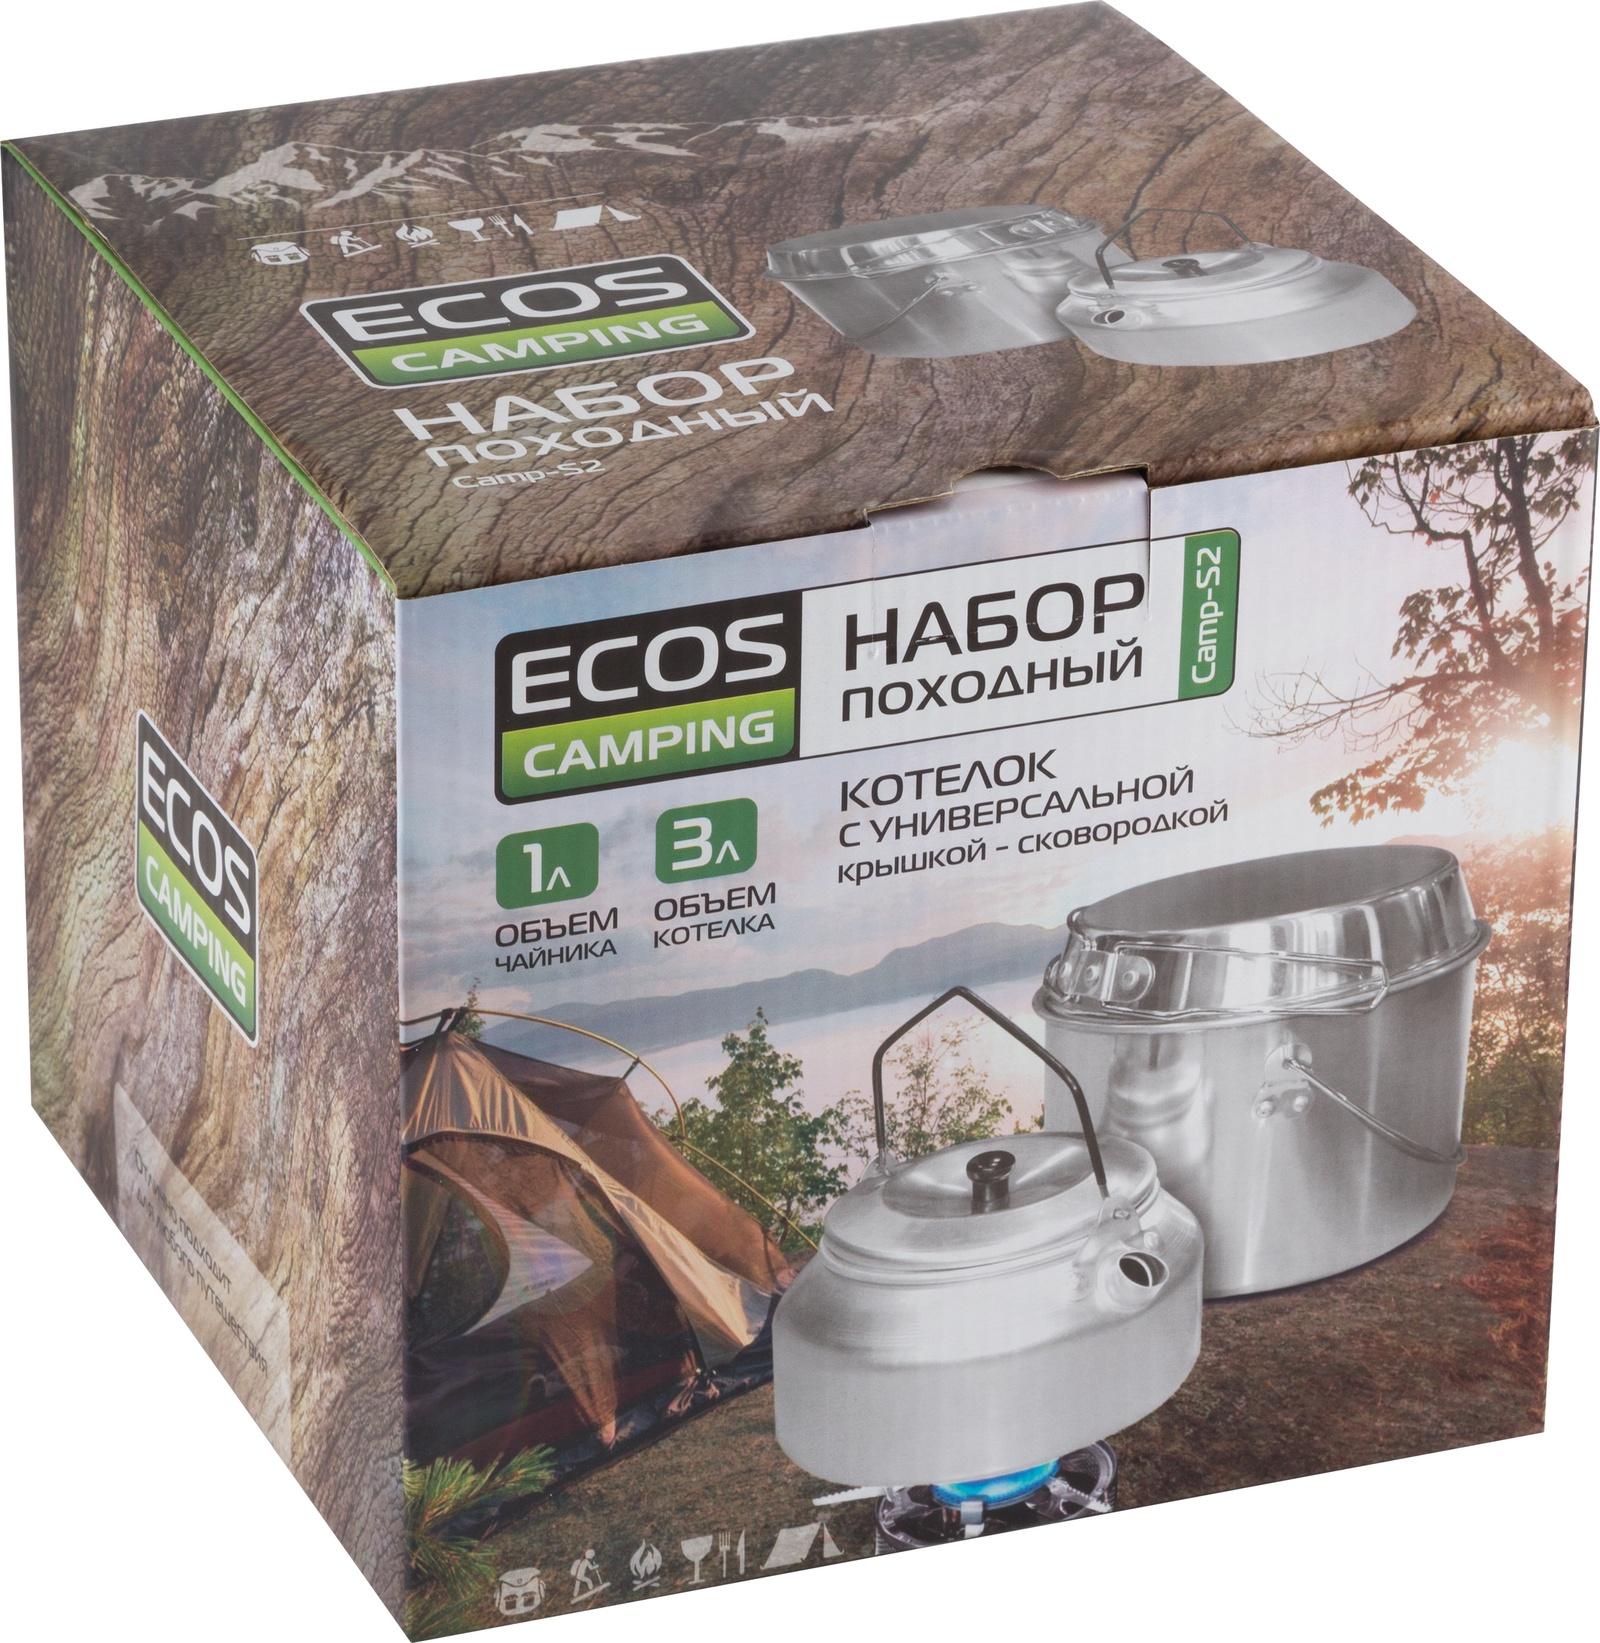 Комплект посуды для приготовления Ecos Camp-S2, серебристый котелок boy scout котелок походный с крышкой нержавеющая сталь 3л